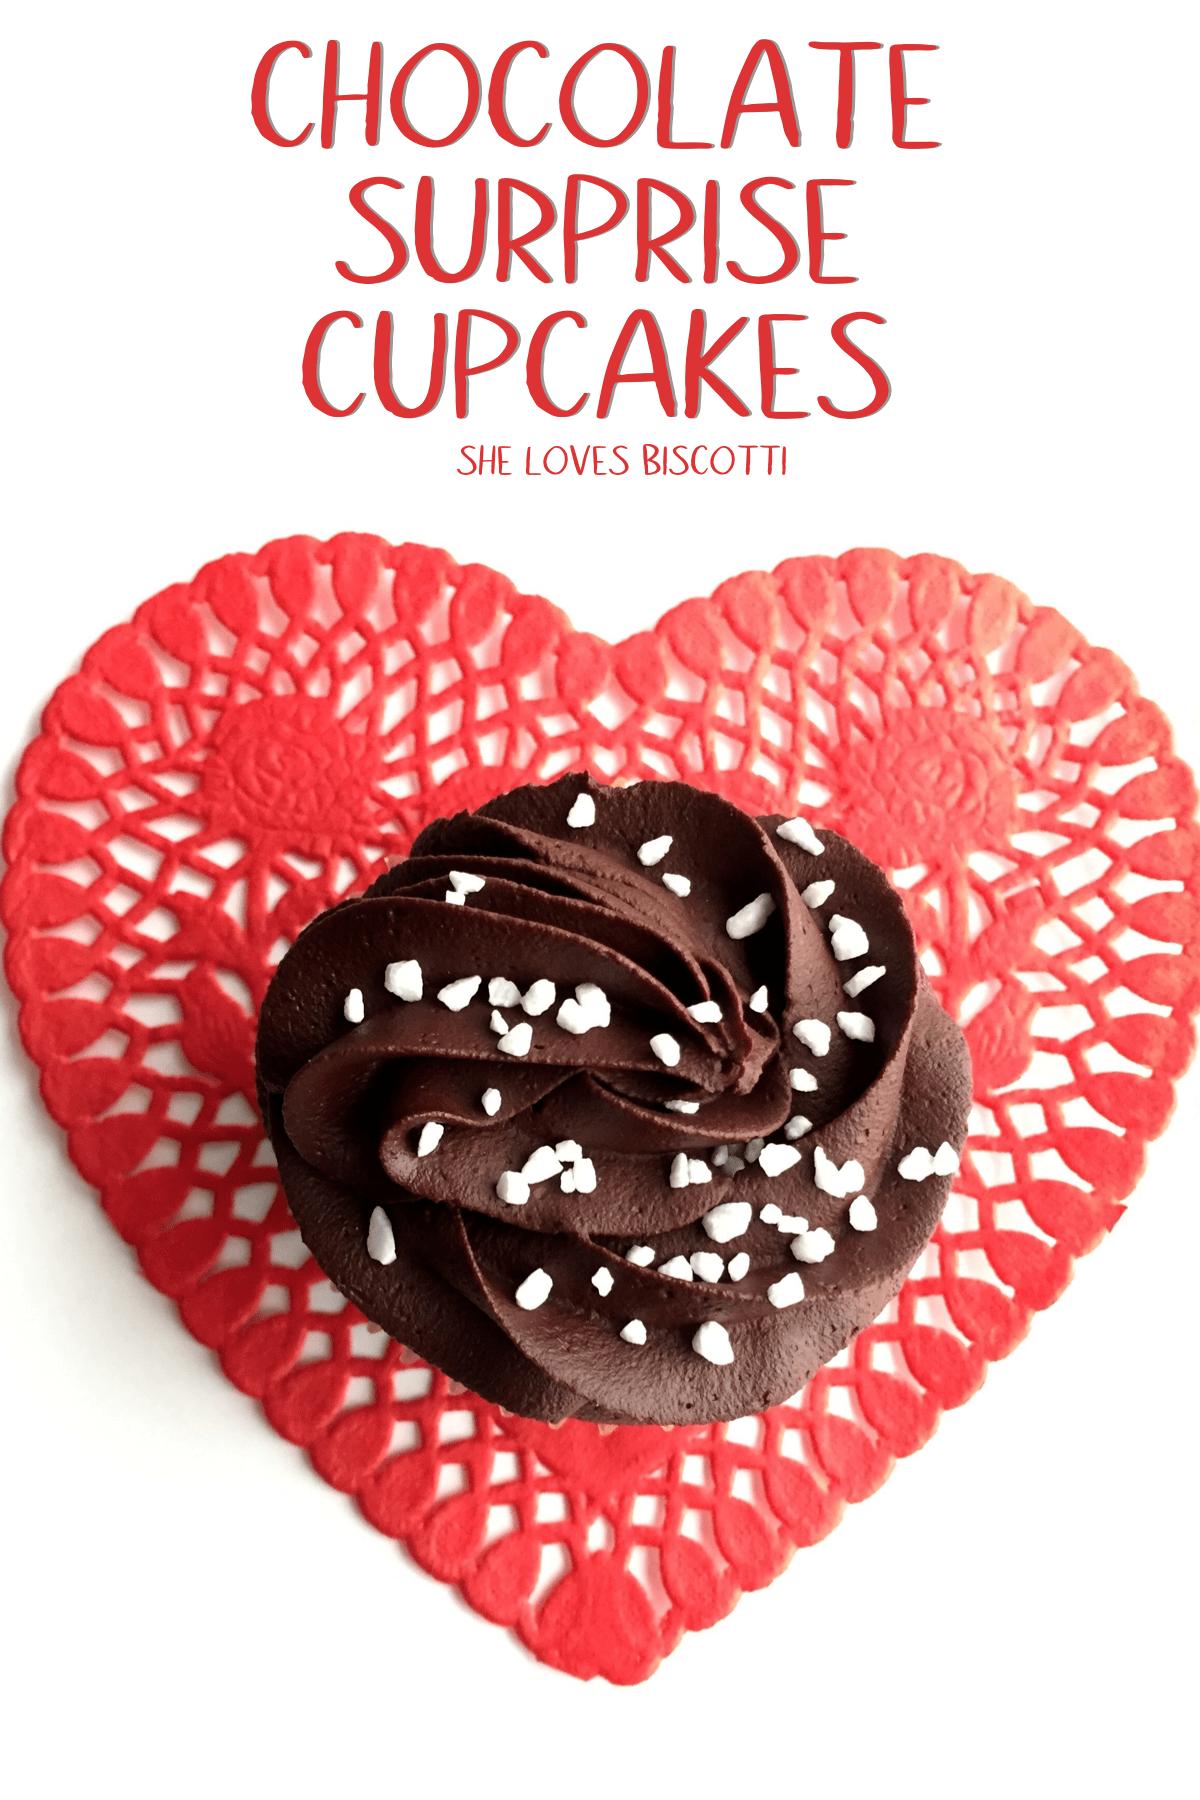 Chocolate Surprise Cupcakes || Chocolate Surprise Cupcakes Dessert || Surprise Cupcakes || Chocolate Surprise Cupcakes Cream cheese || chocolate surprise cupcakes valentines day #chocolatecupcake #dessert #cupcakes #chocolate #creamcheese #chocolatechips